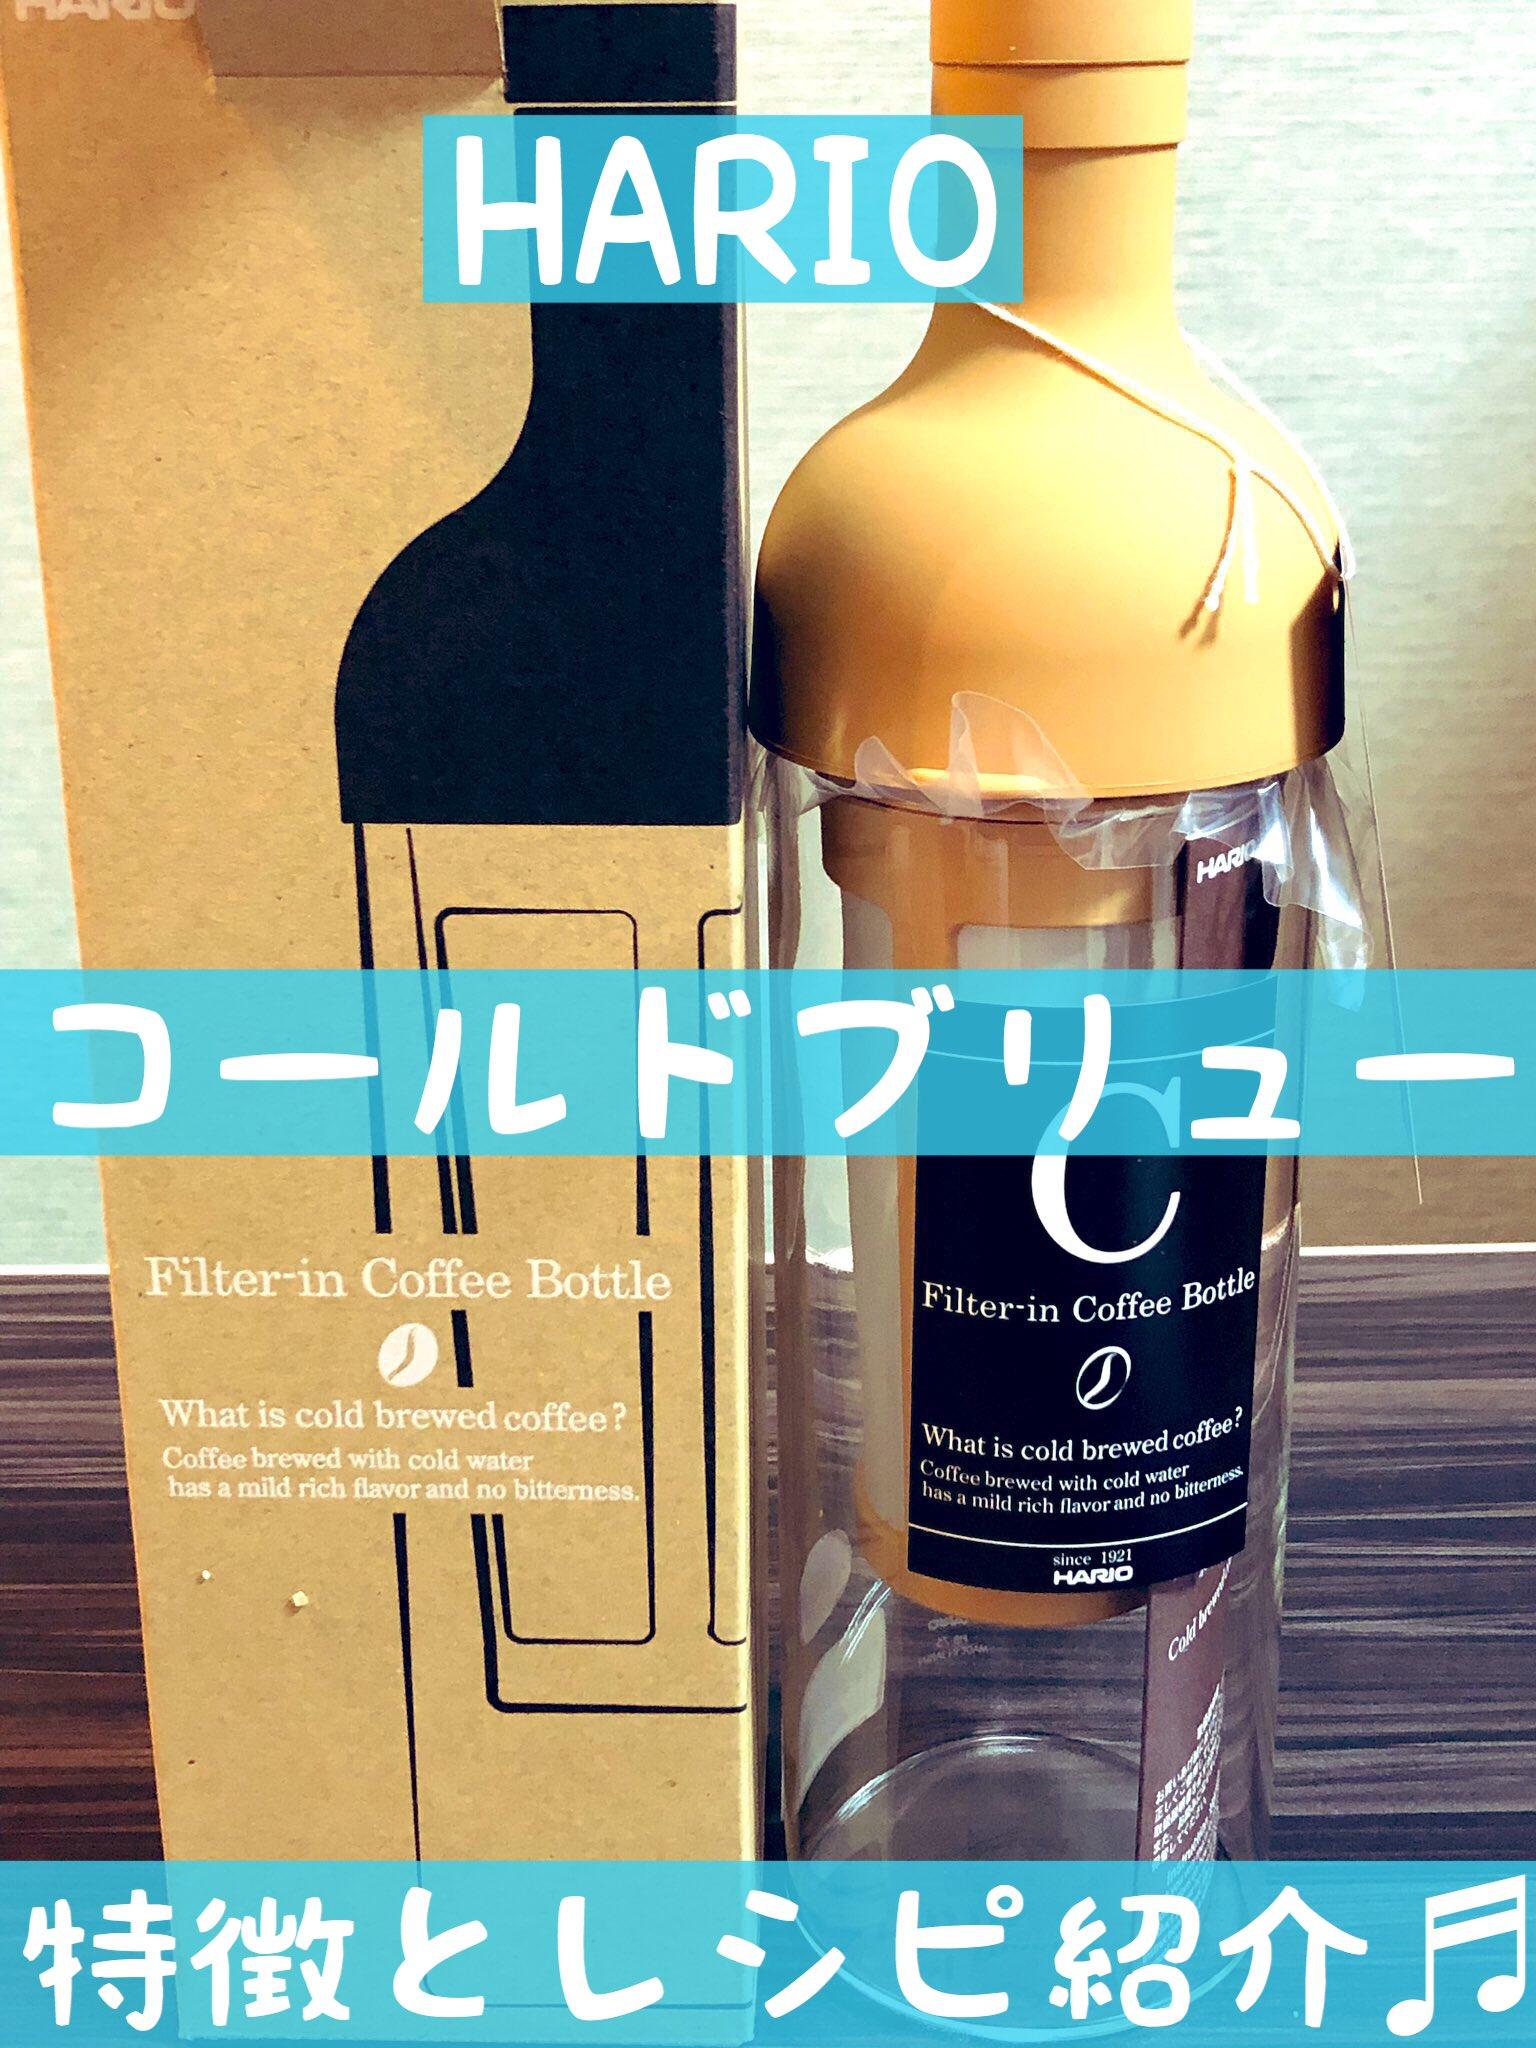 【HARIO☆水出し/コールドブリュー】3つの特徴と基本レシピを紹介♪